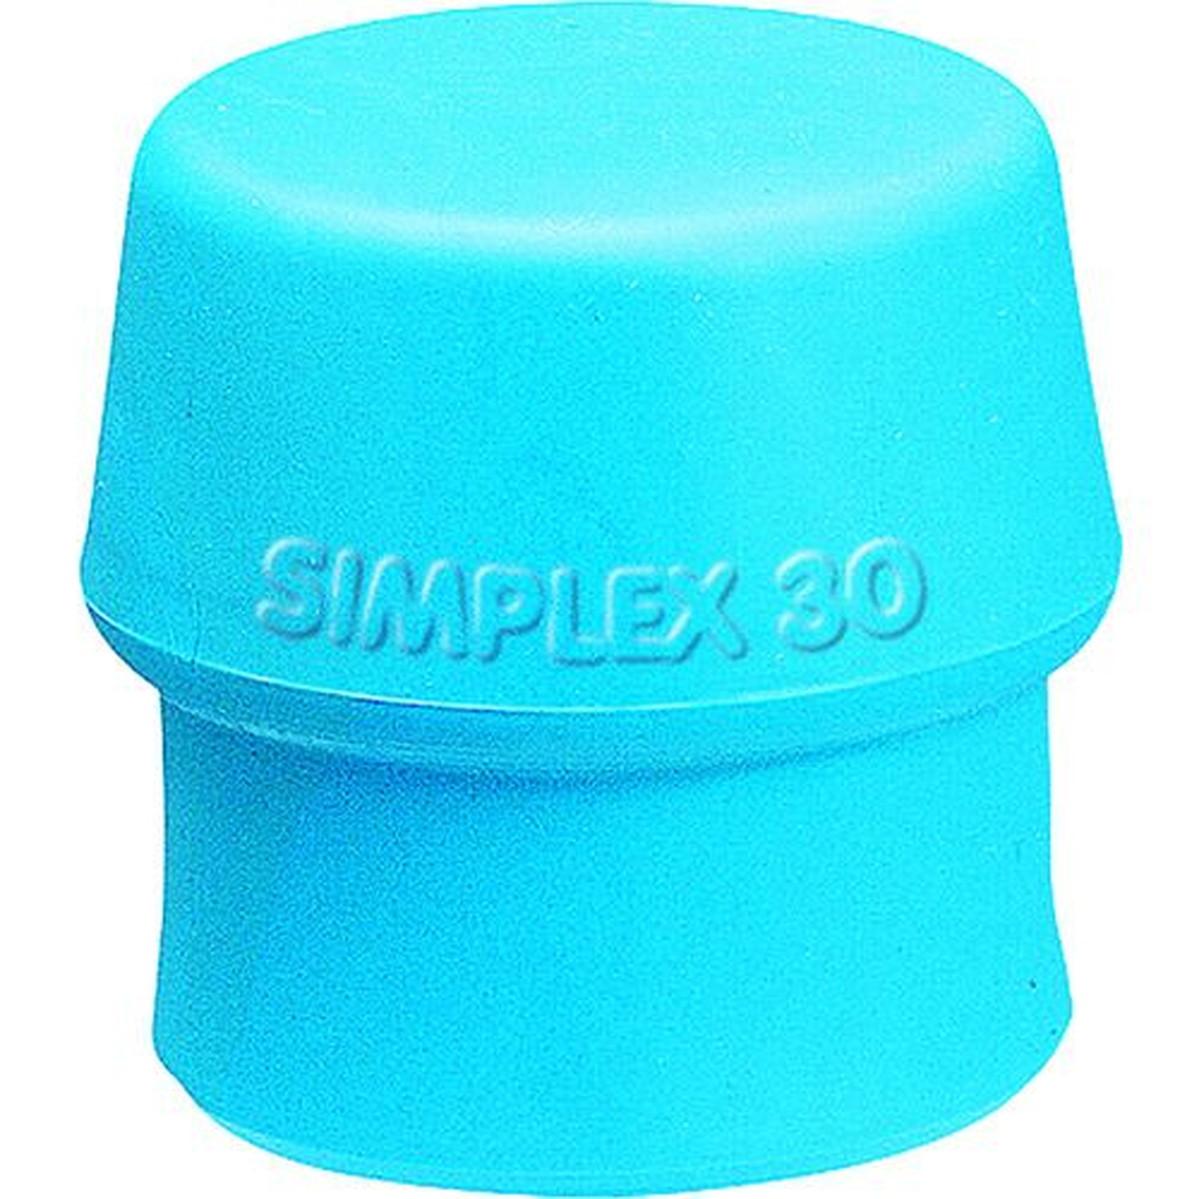 あす楽対応 正規取扱店 DIY用品 HALDER 初売り シンプレックス用インサート 青 頭径30mm TPEソフト 1個